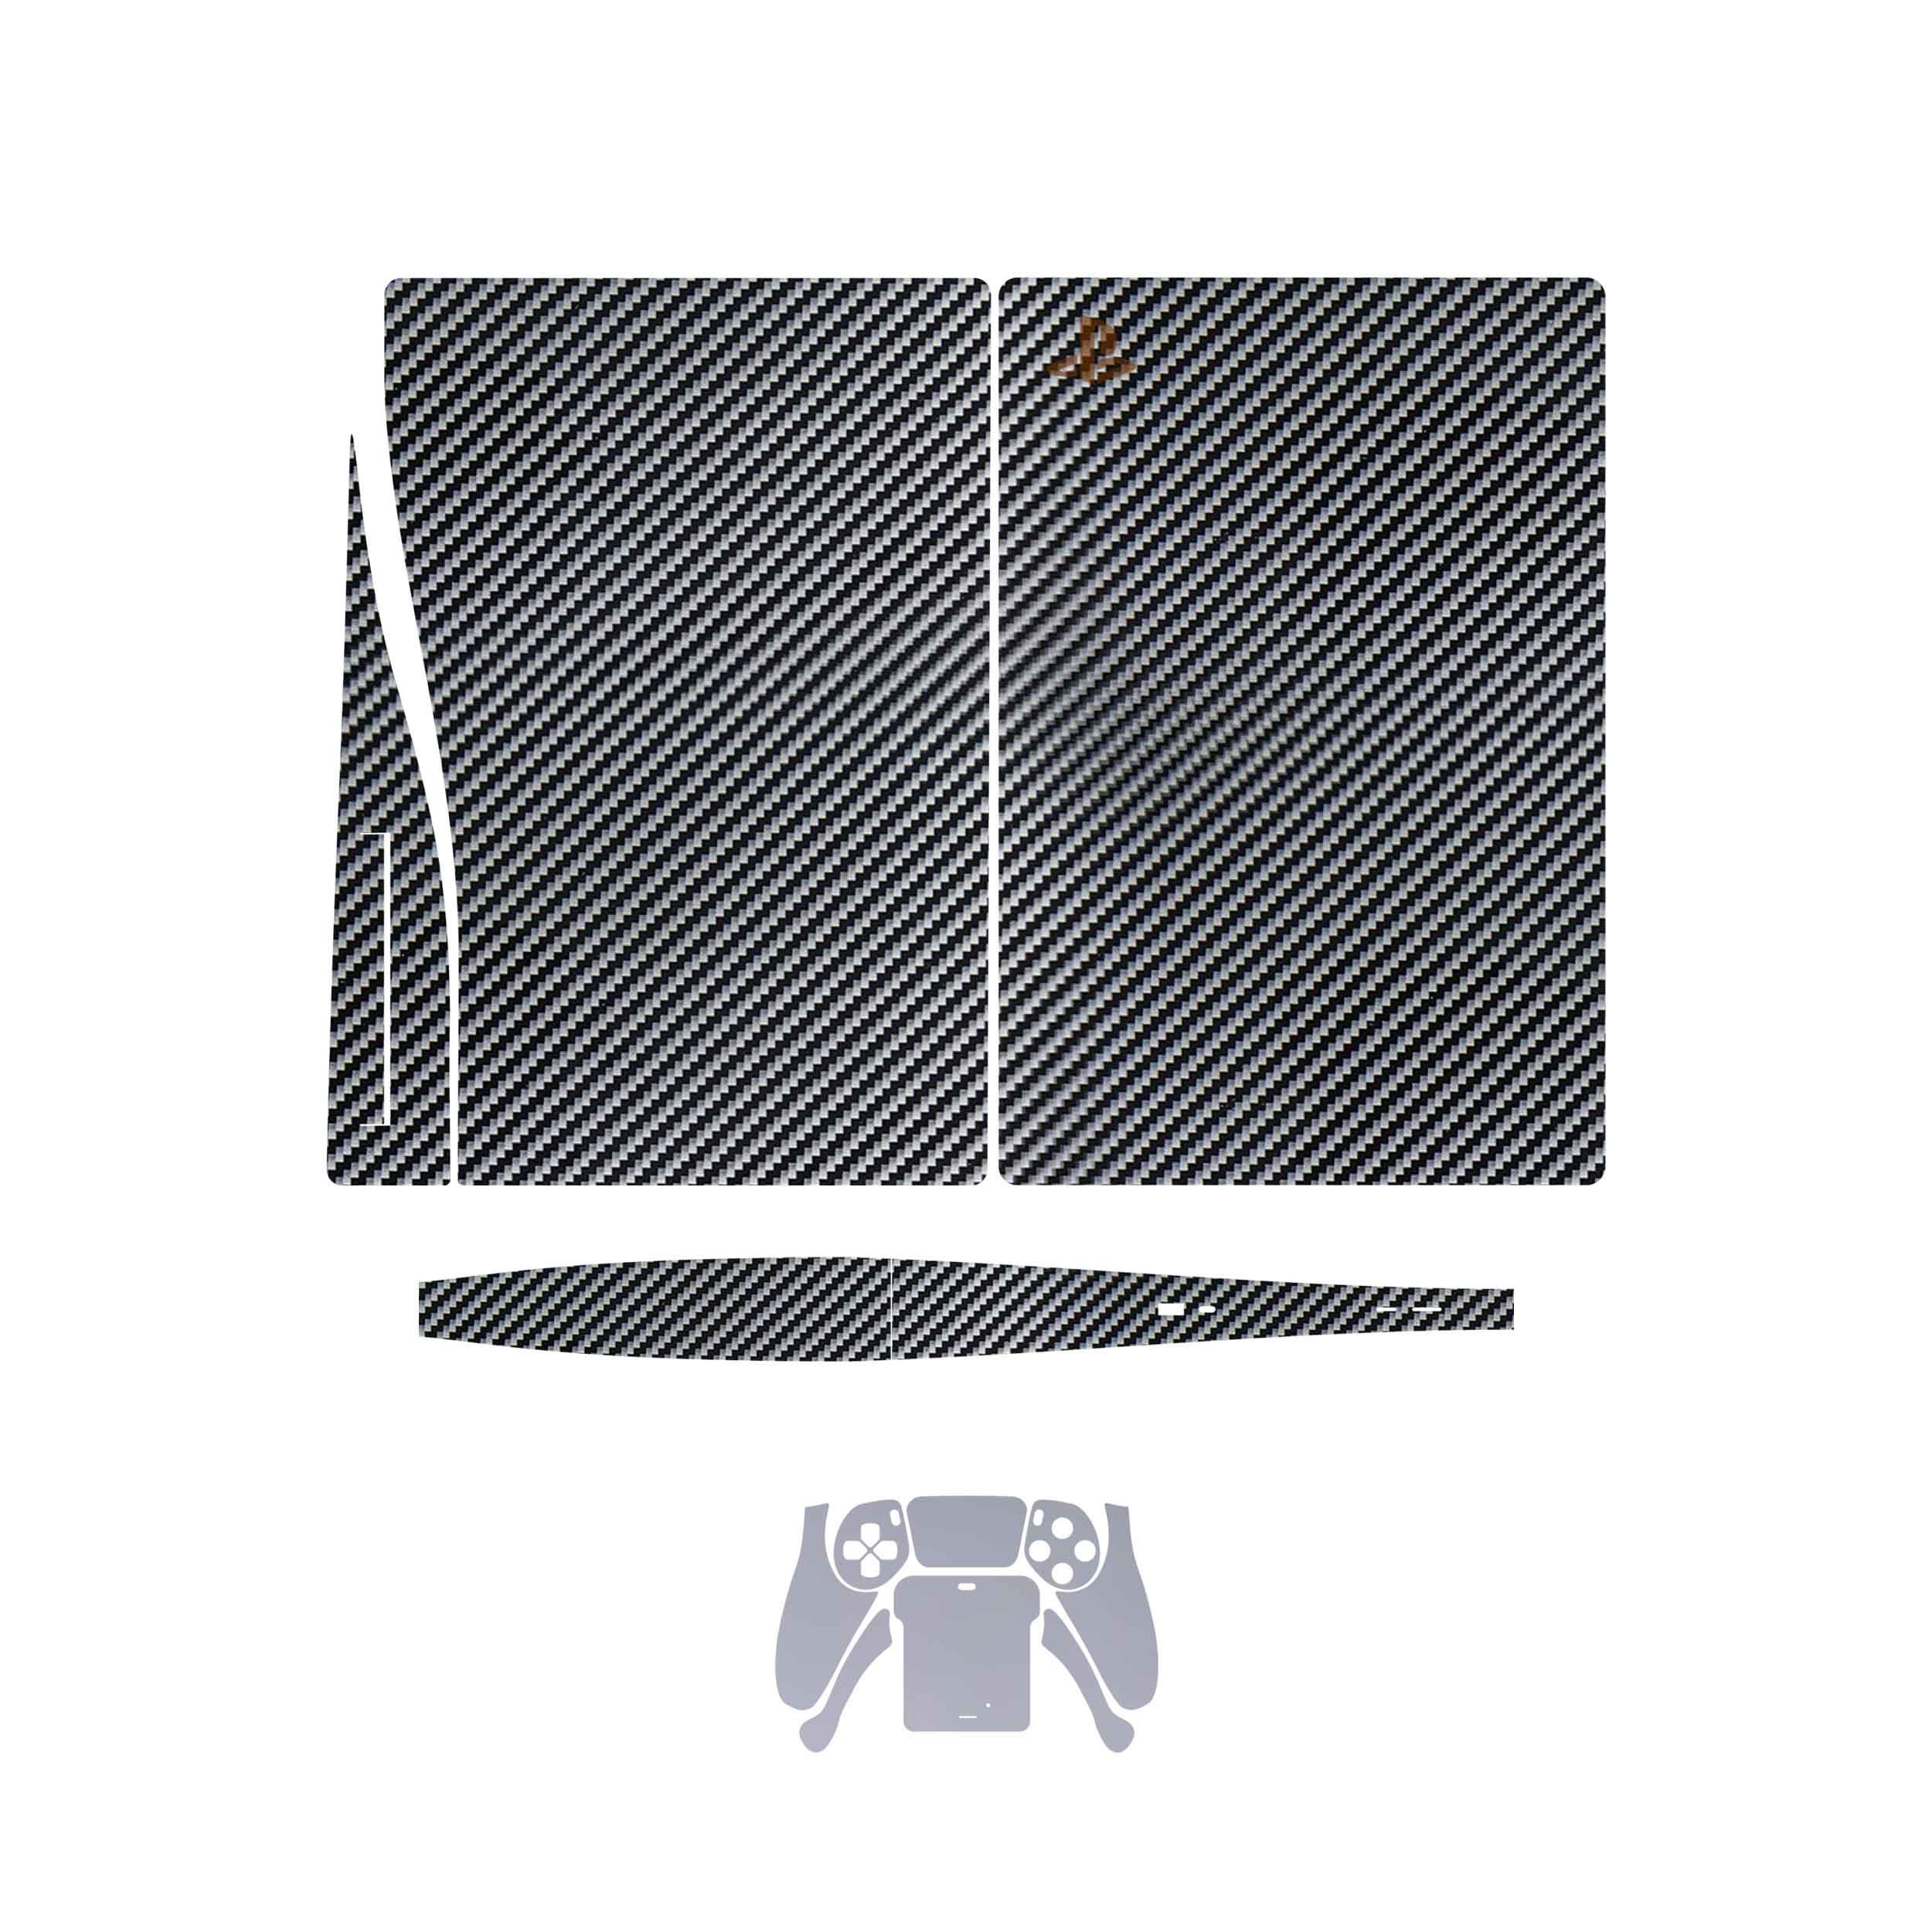 بررسی و {خرید با تخفیف}                                     برچسب کنسول و دسته بازی PS5 ماهوتمدل Glossy_Silver_Carbon_Matte_Silver                             اصل